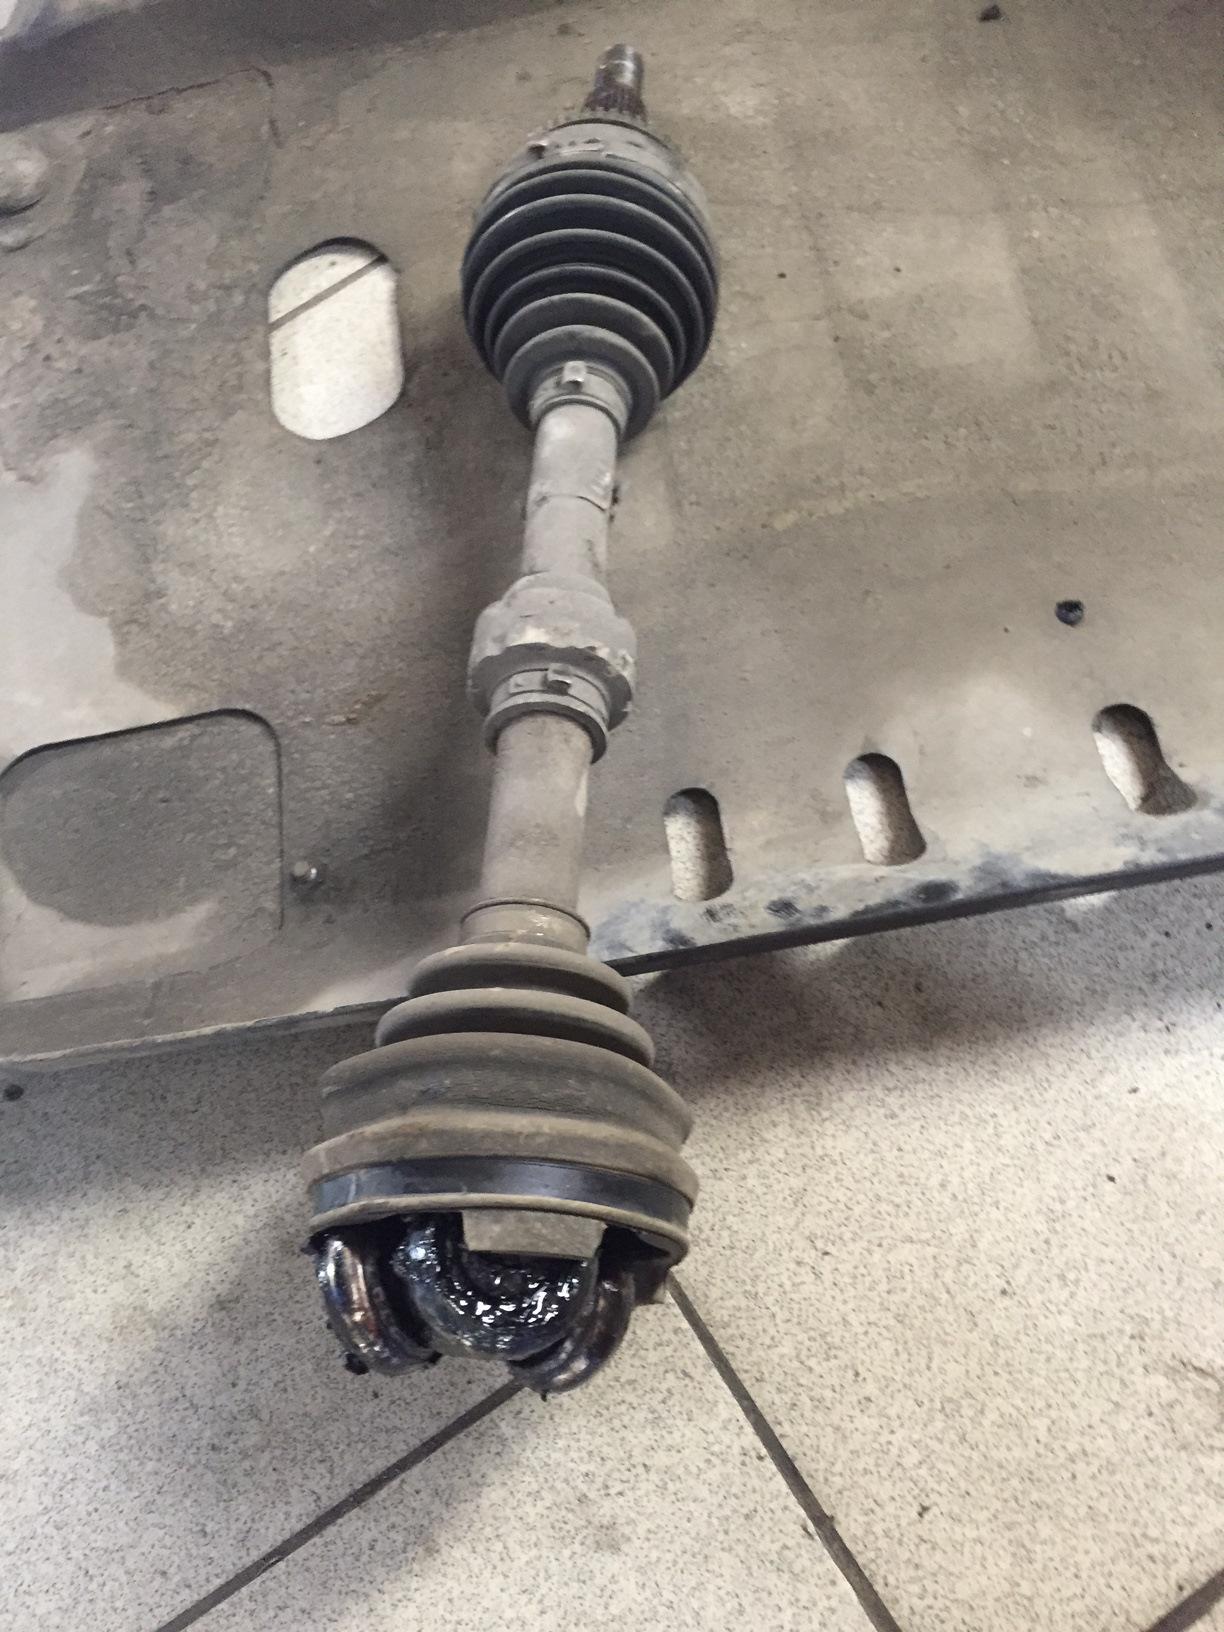 Замена пыльника привода внутреннего тойота камри v40 Комплексная проверка состояния авто аутлендер хл